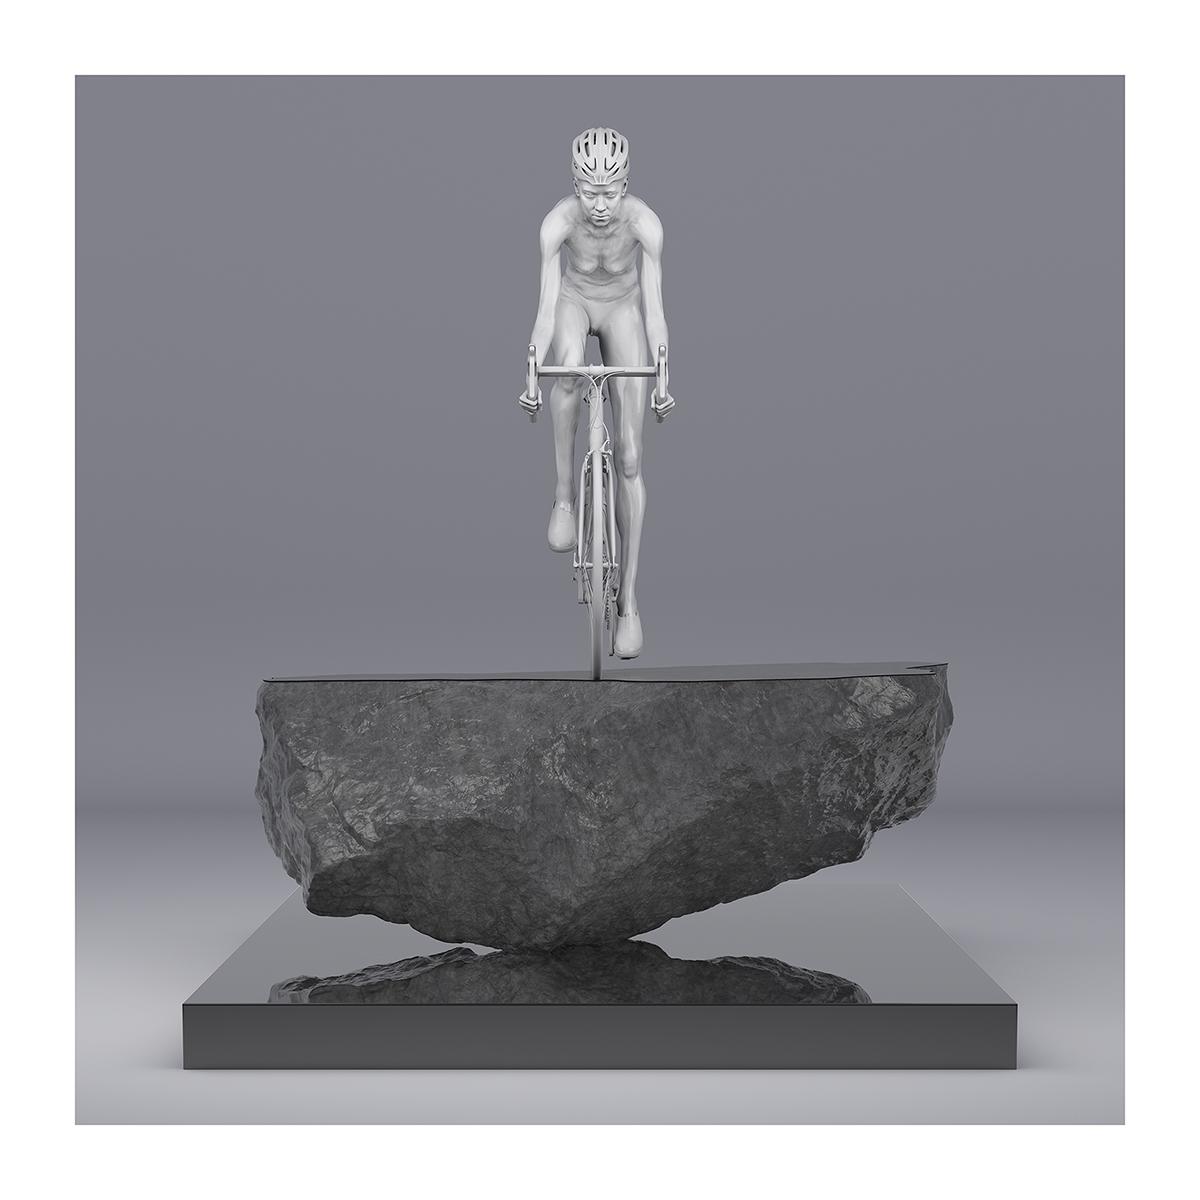 105 This was HomoSapiens Le Tour de France 005 - 2021 - This was HomoSapiens. Le Tour de France. I